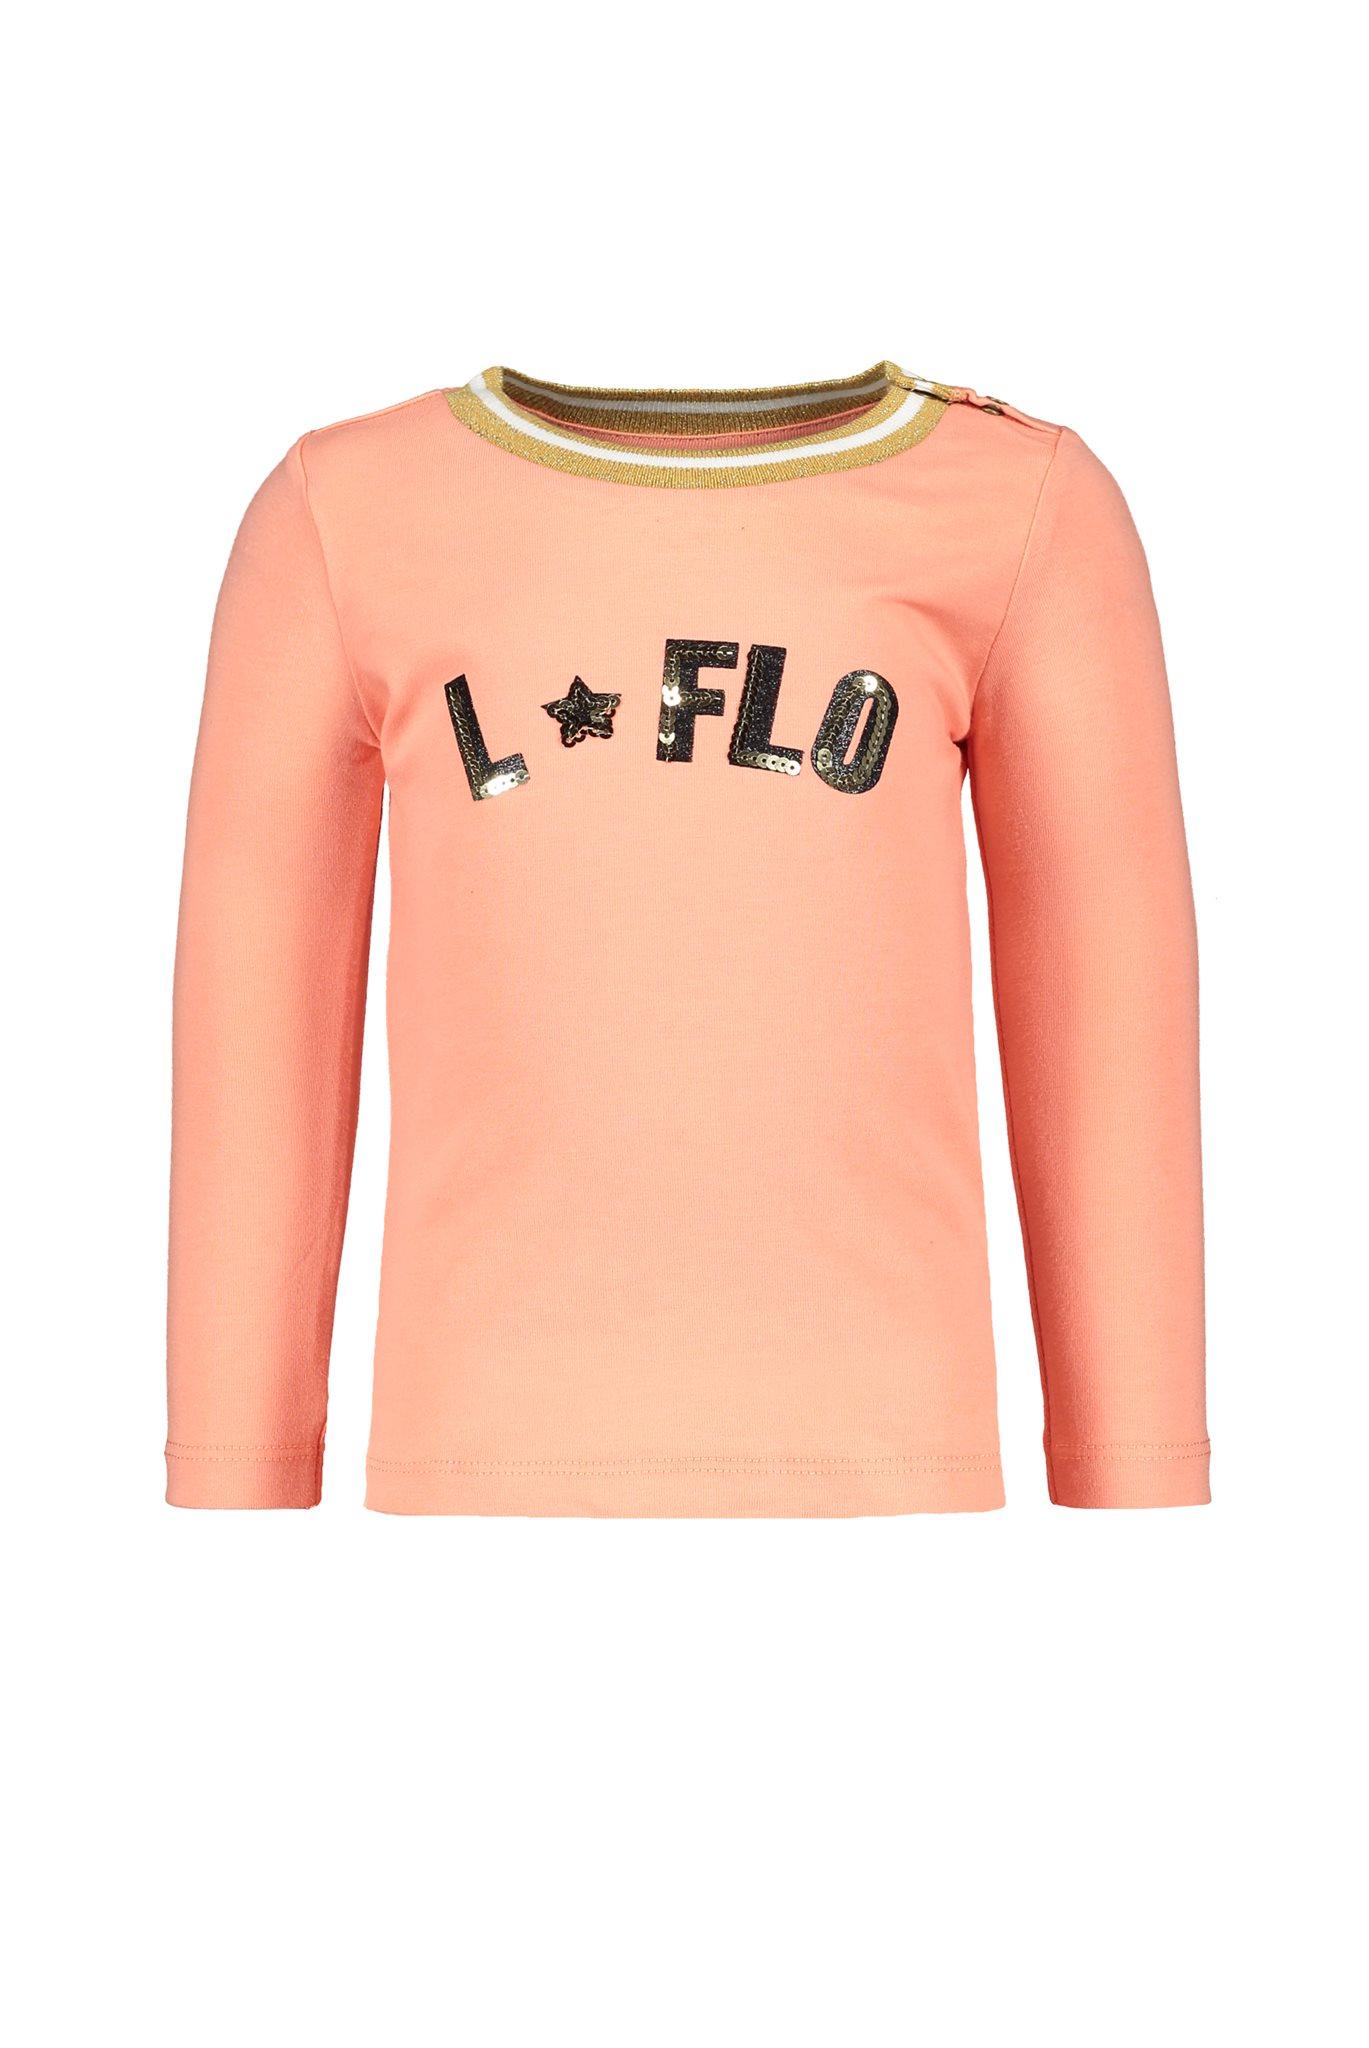 Flo baby girls jersey ls tee